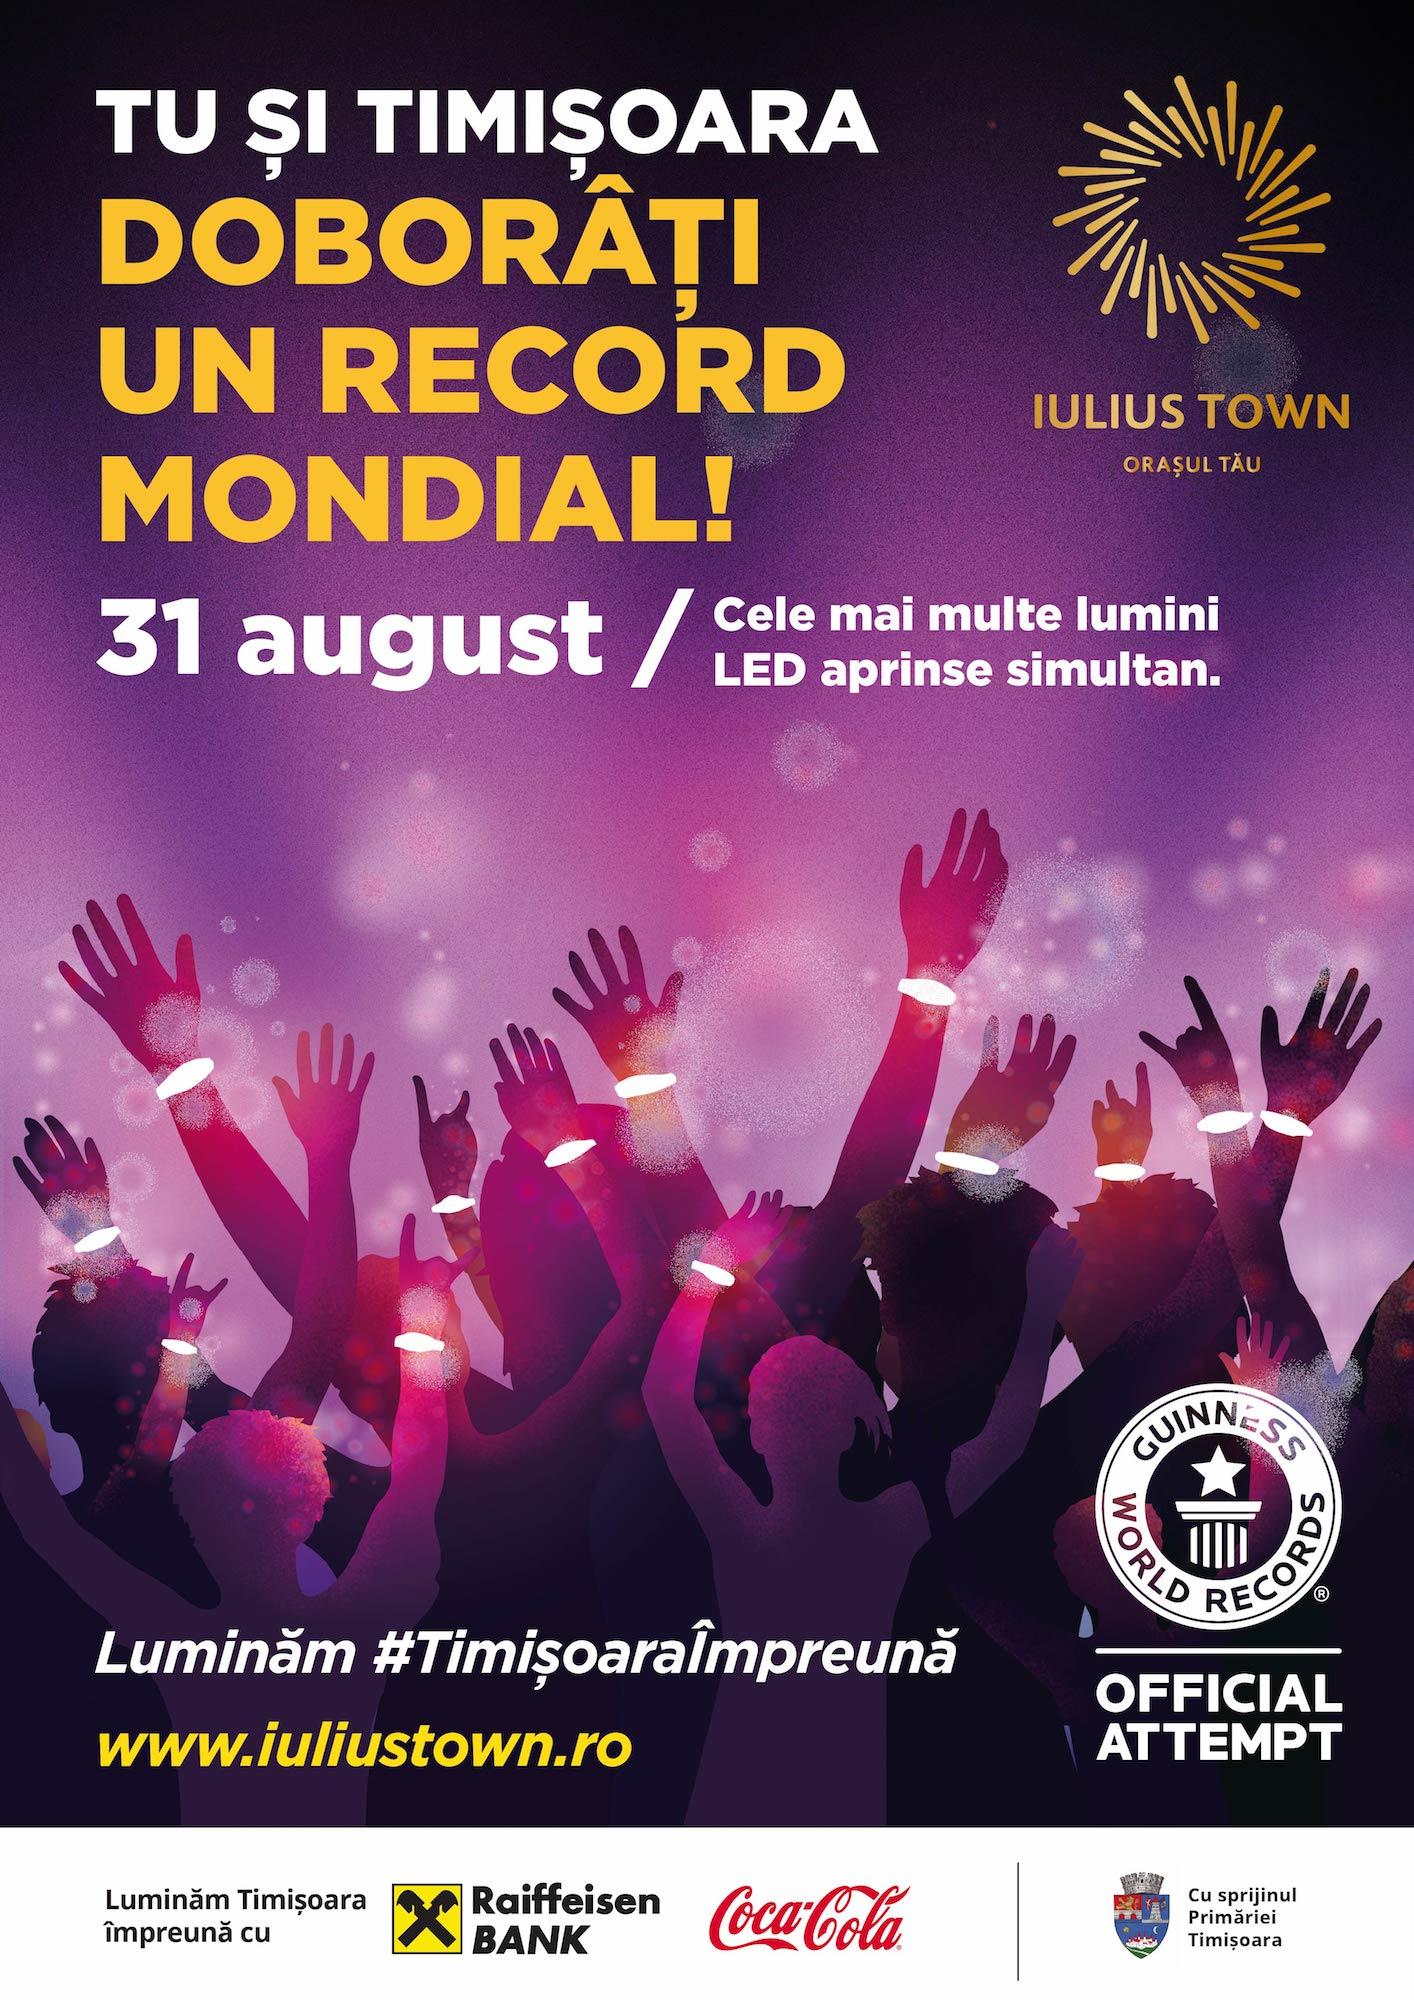 Iulius_Town_record